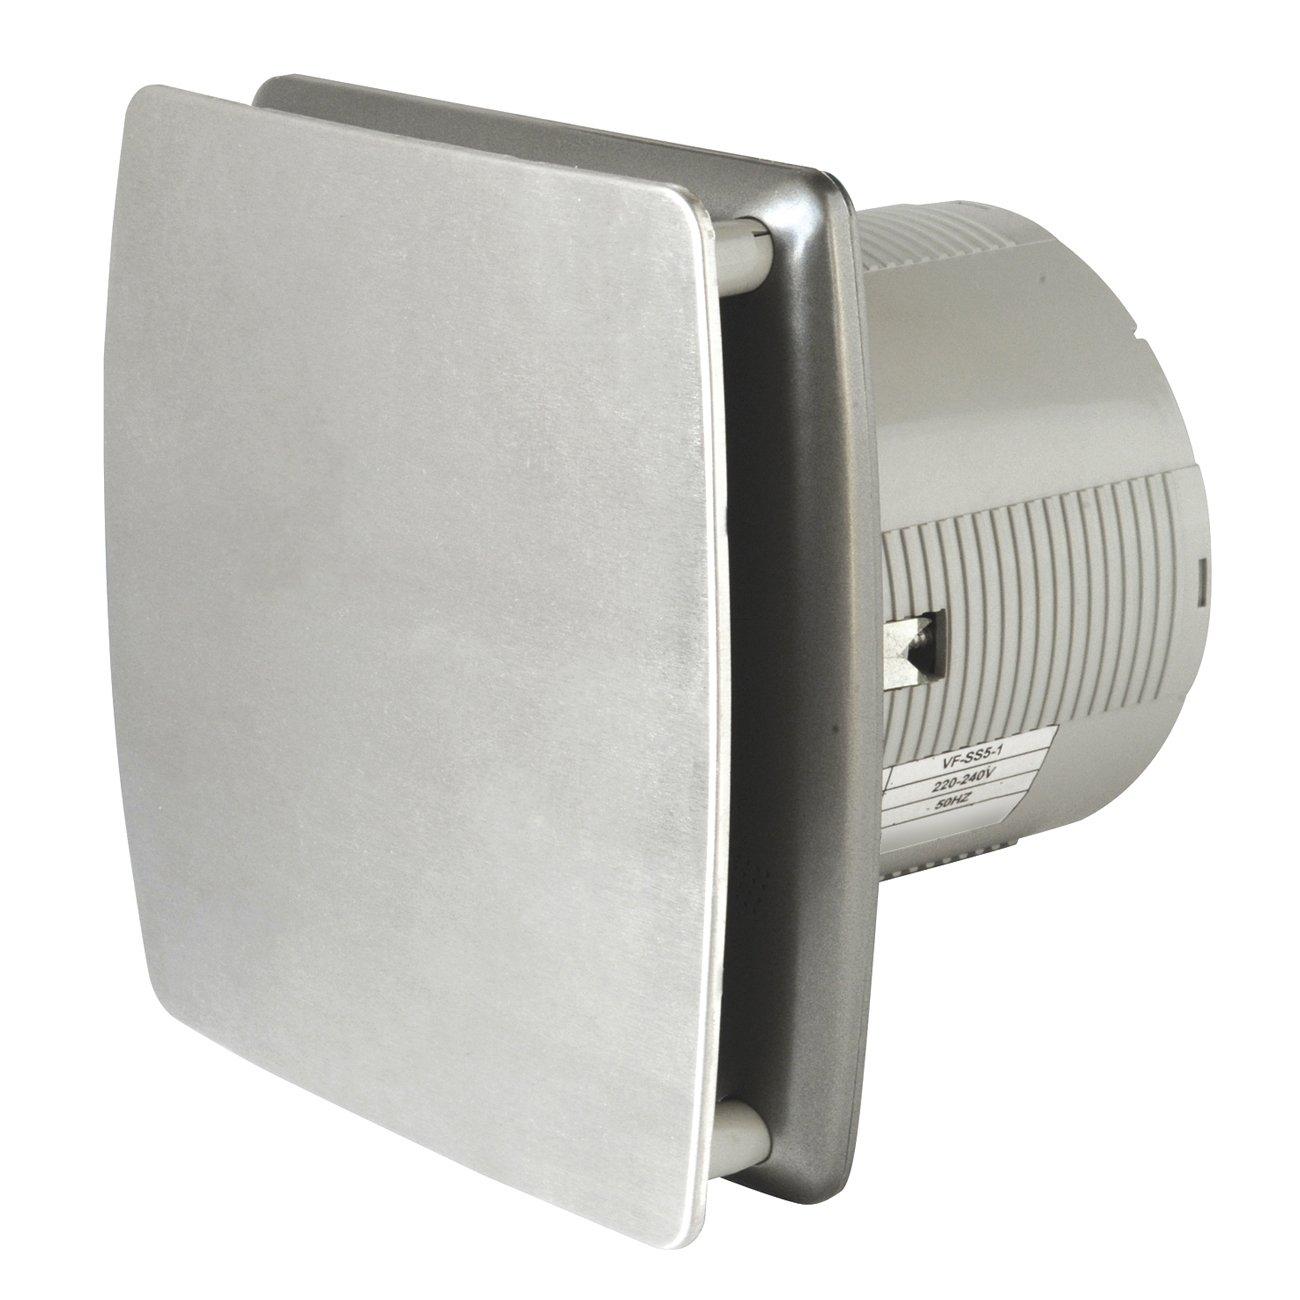 La Ventilazione AA10IN Aspiratore Elicoidale Estetico Grigio, per Foro diametro 100 mm / 4